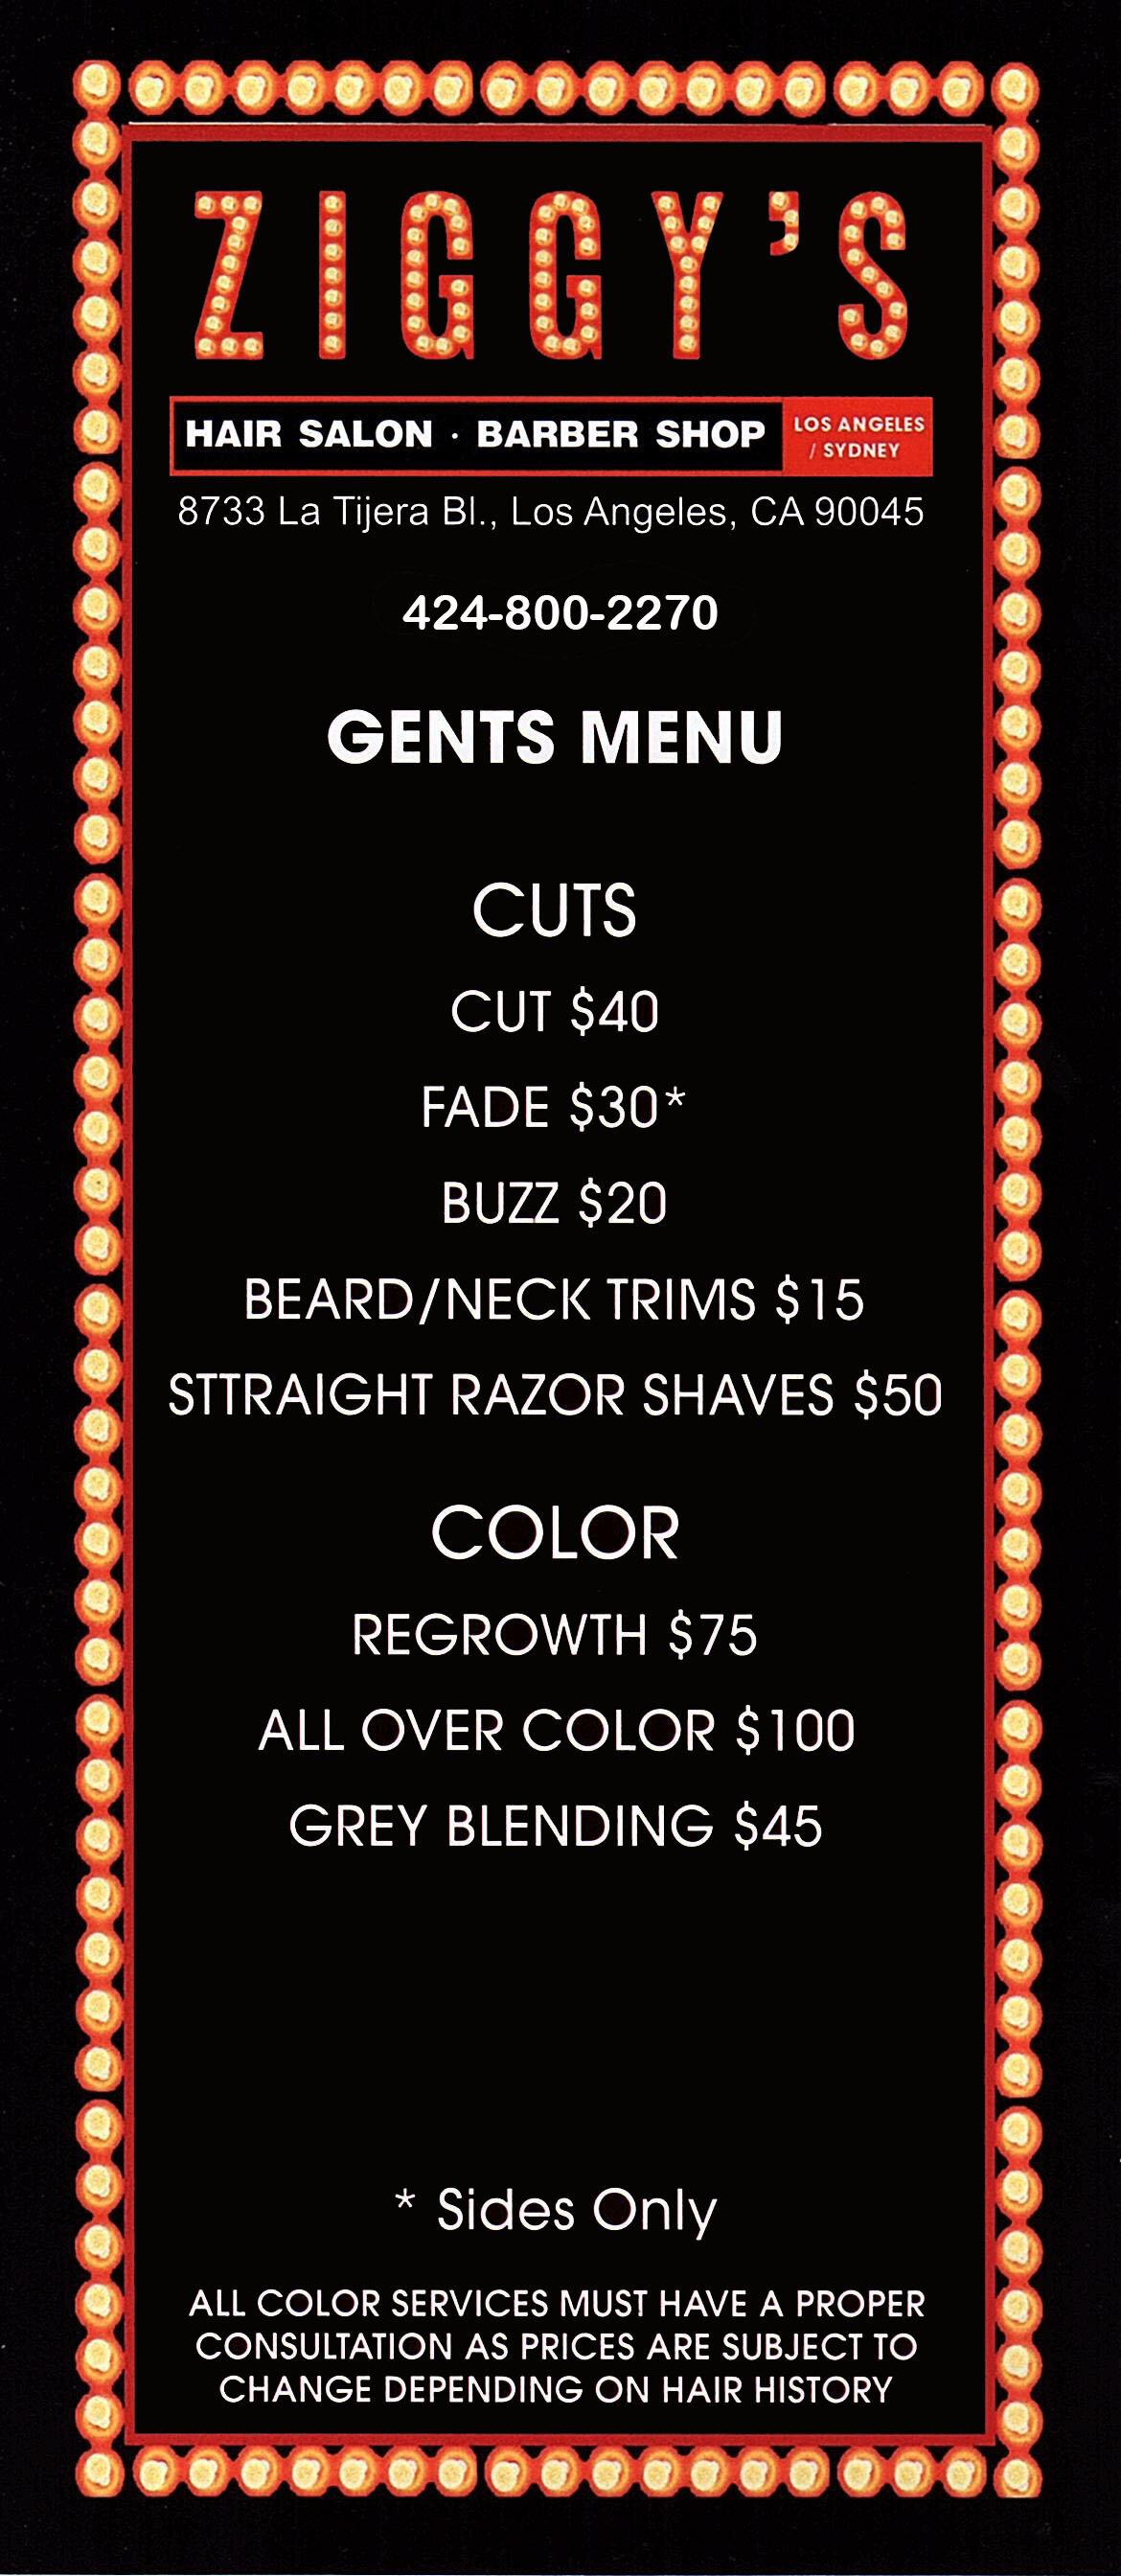 Gents menu.jpg